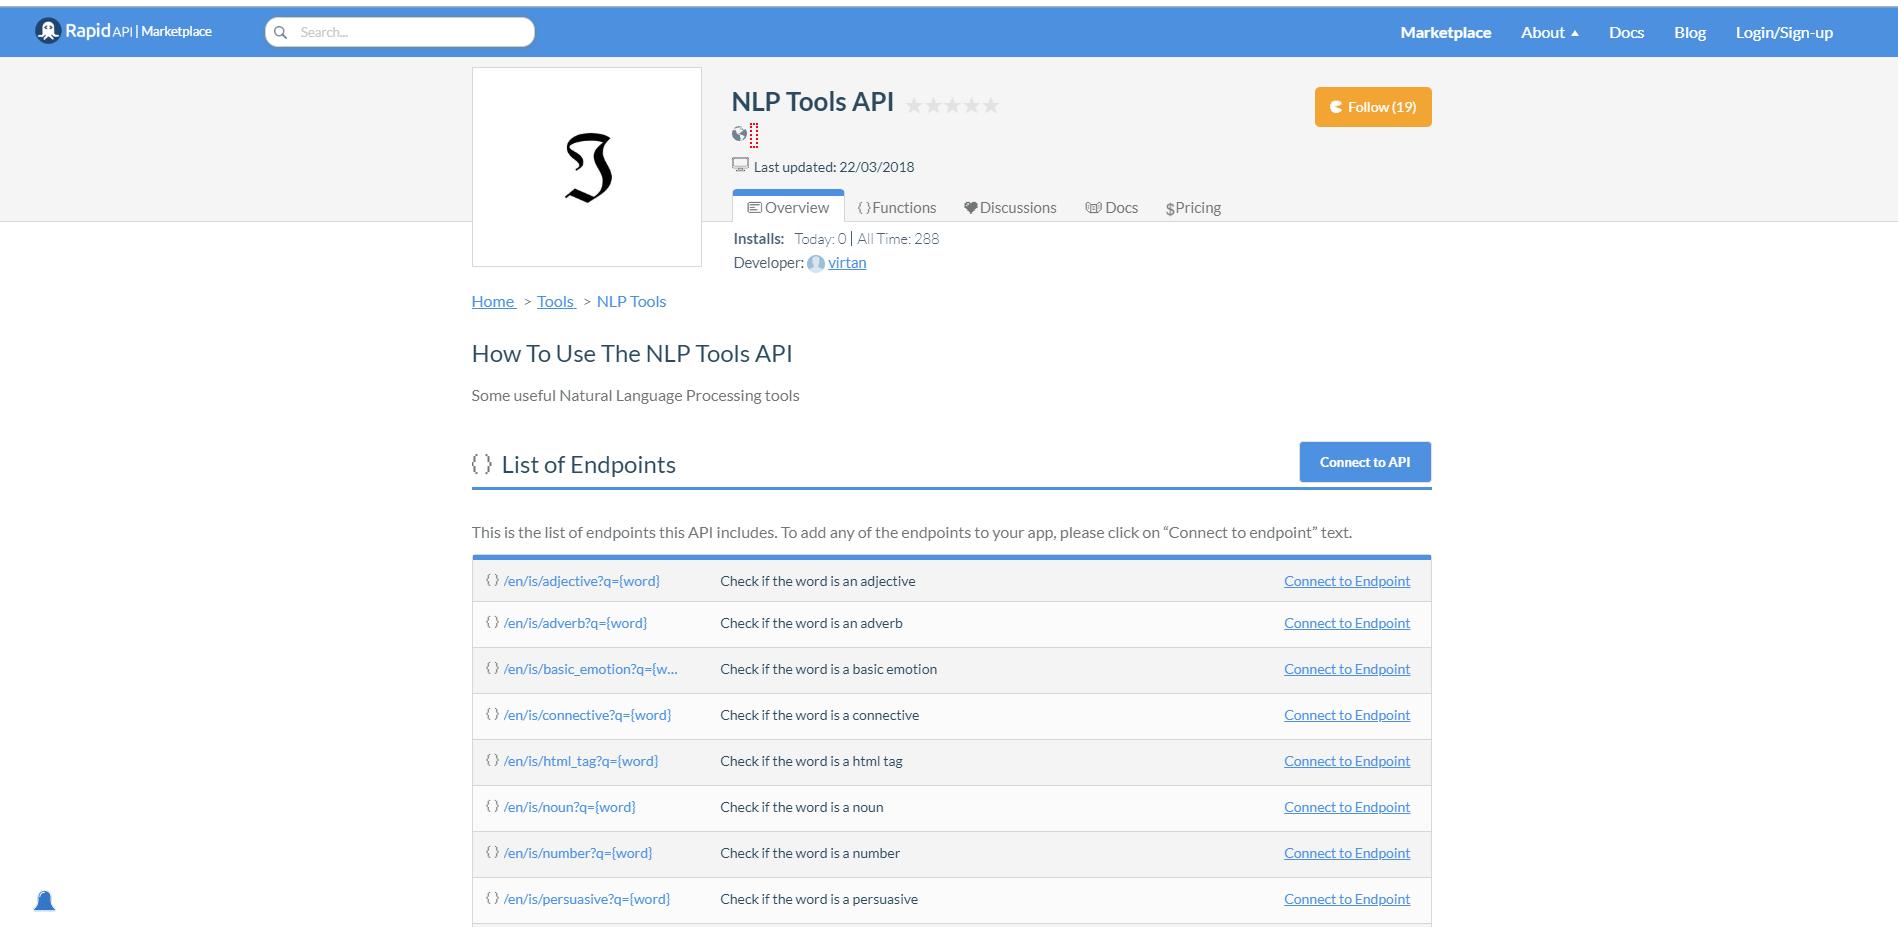 NLP Tools API